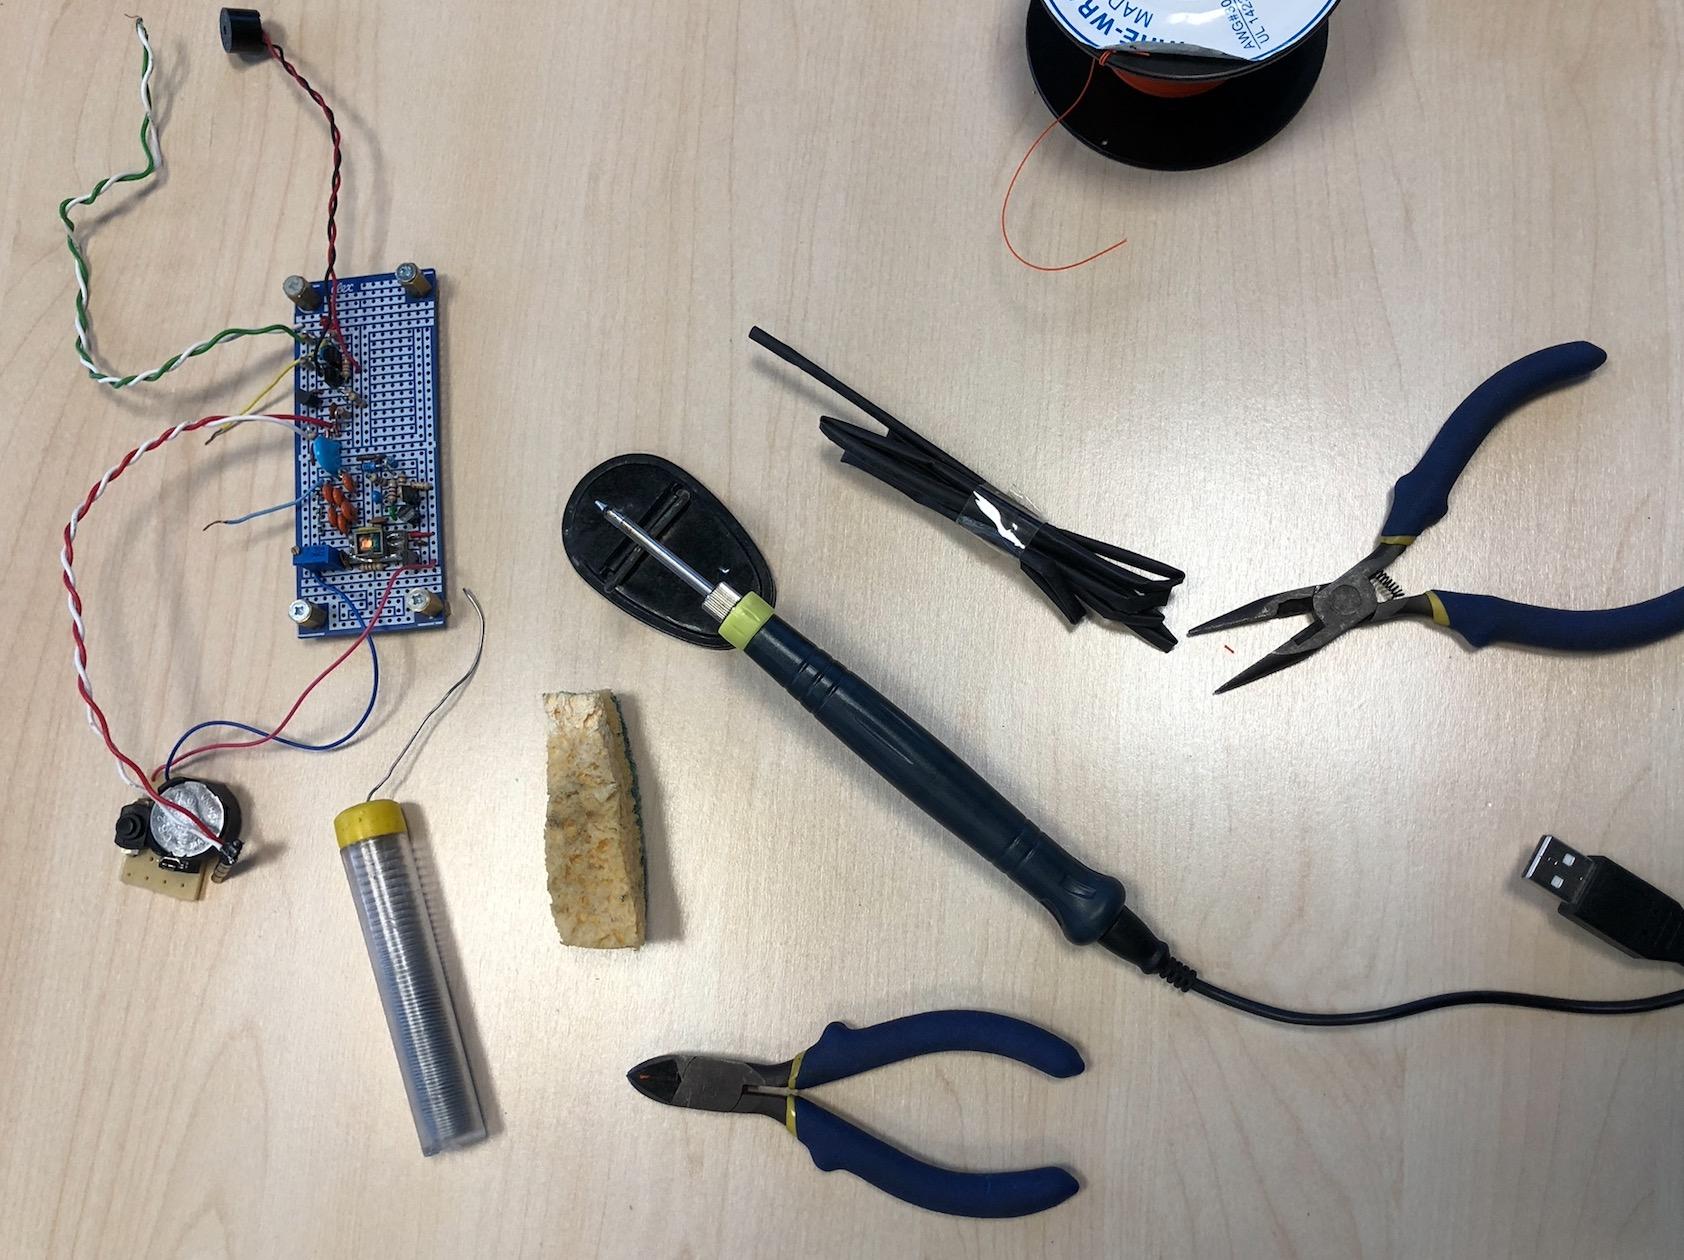 EDC Réparation électronique : Liste de matériel pour un repair café / pour un atelier post-cata Captu321